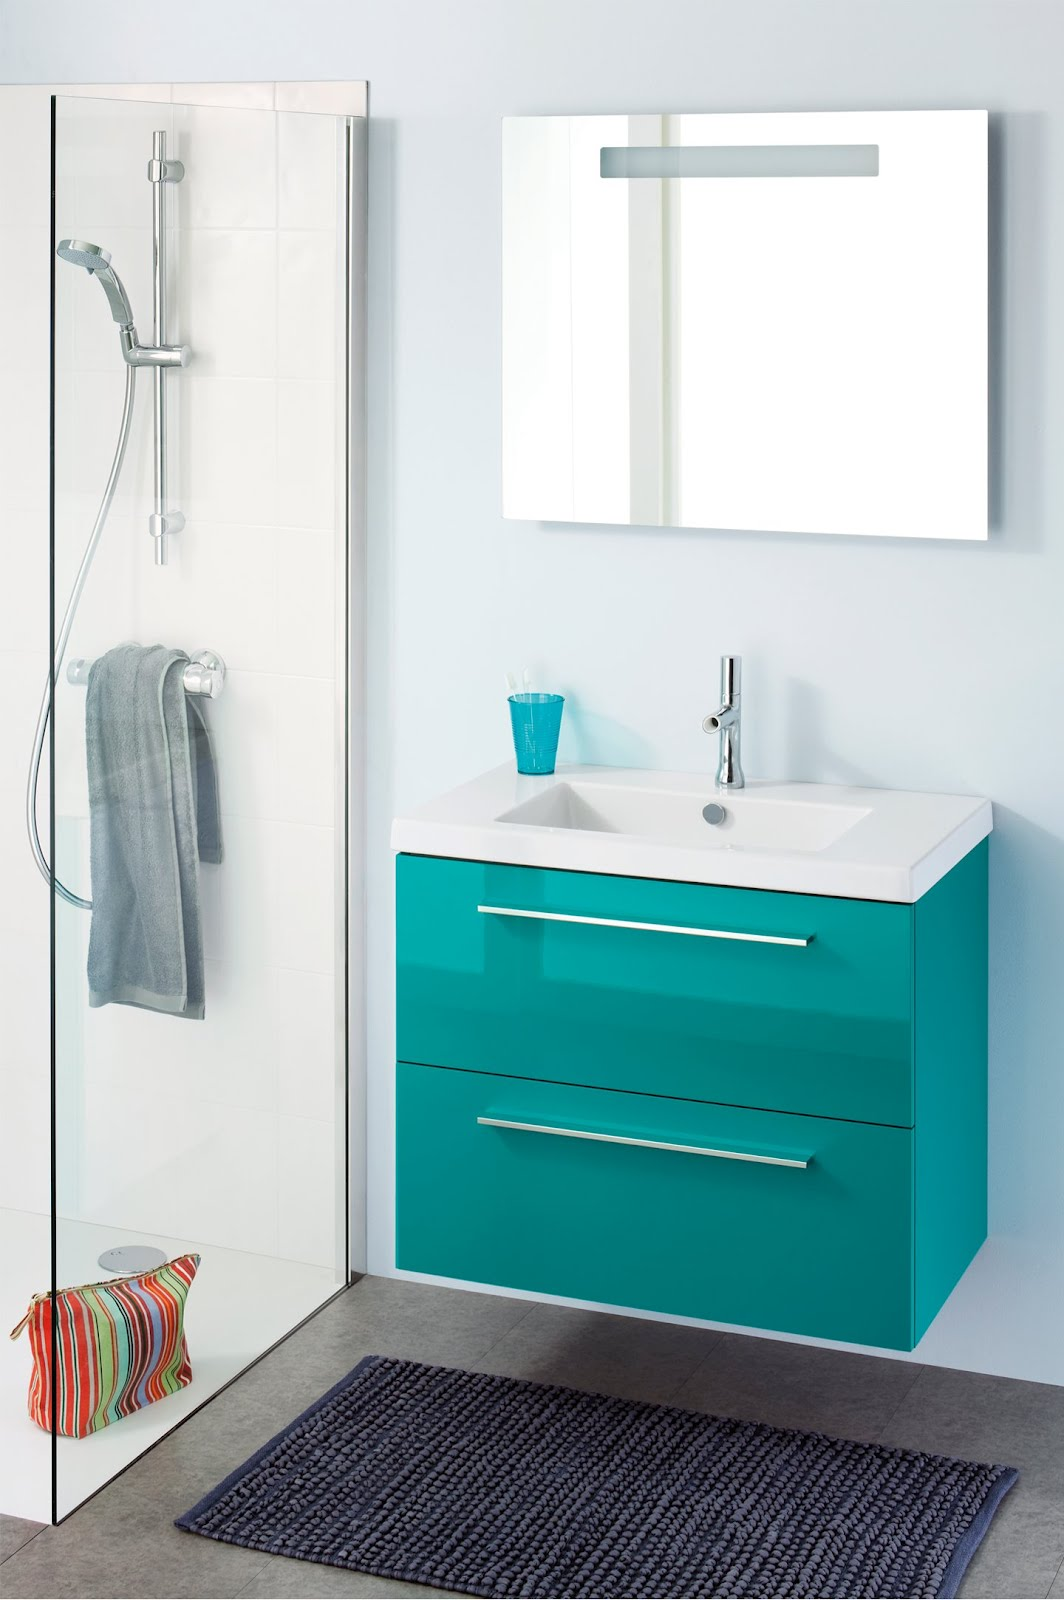 La salle de bain dans tous ses tats d co et saveurs for Salle de bain idee couleur